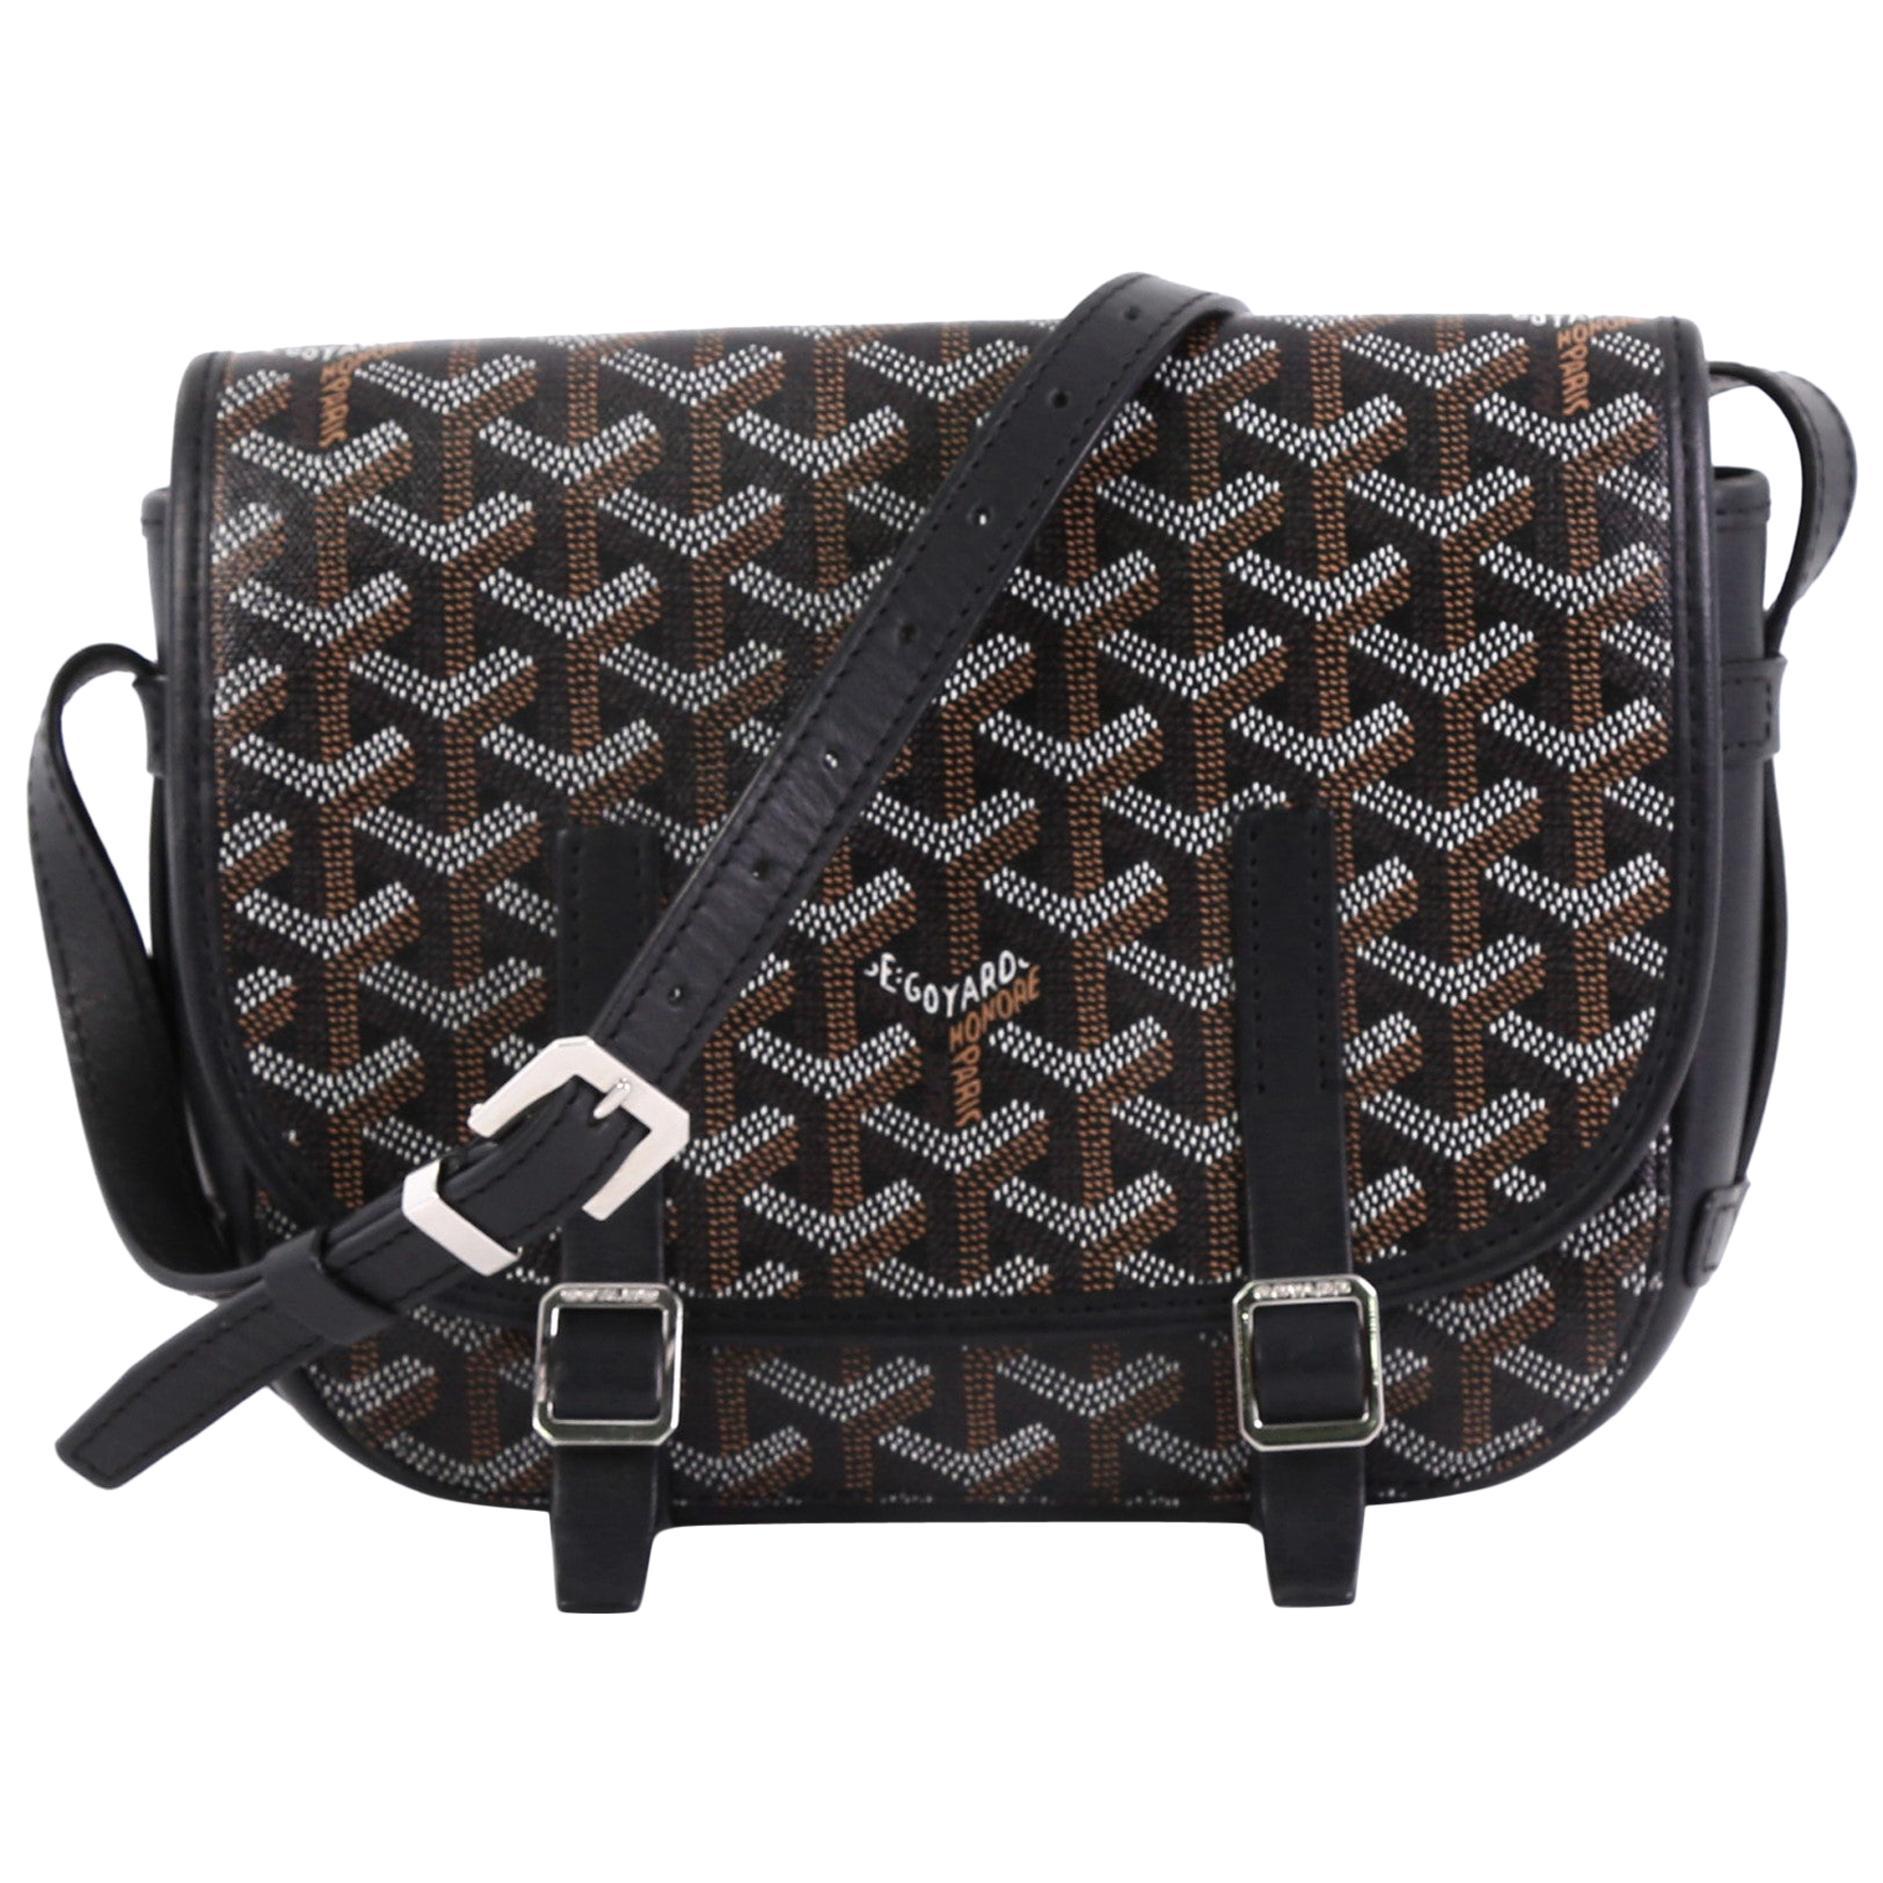 598b459c3fb4 Rebag Crossbody Bags and Messenger Bags - 1stdibs